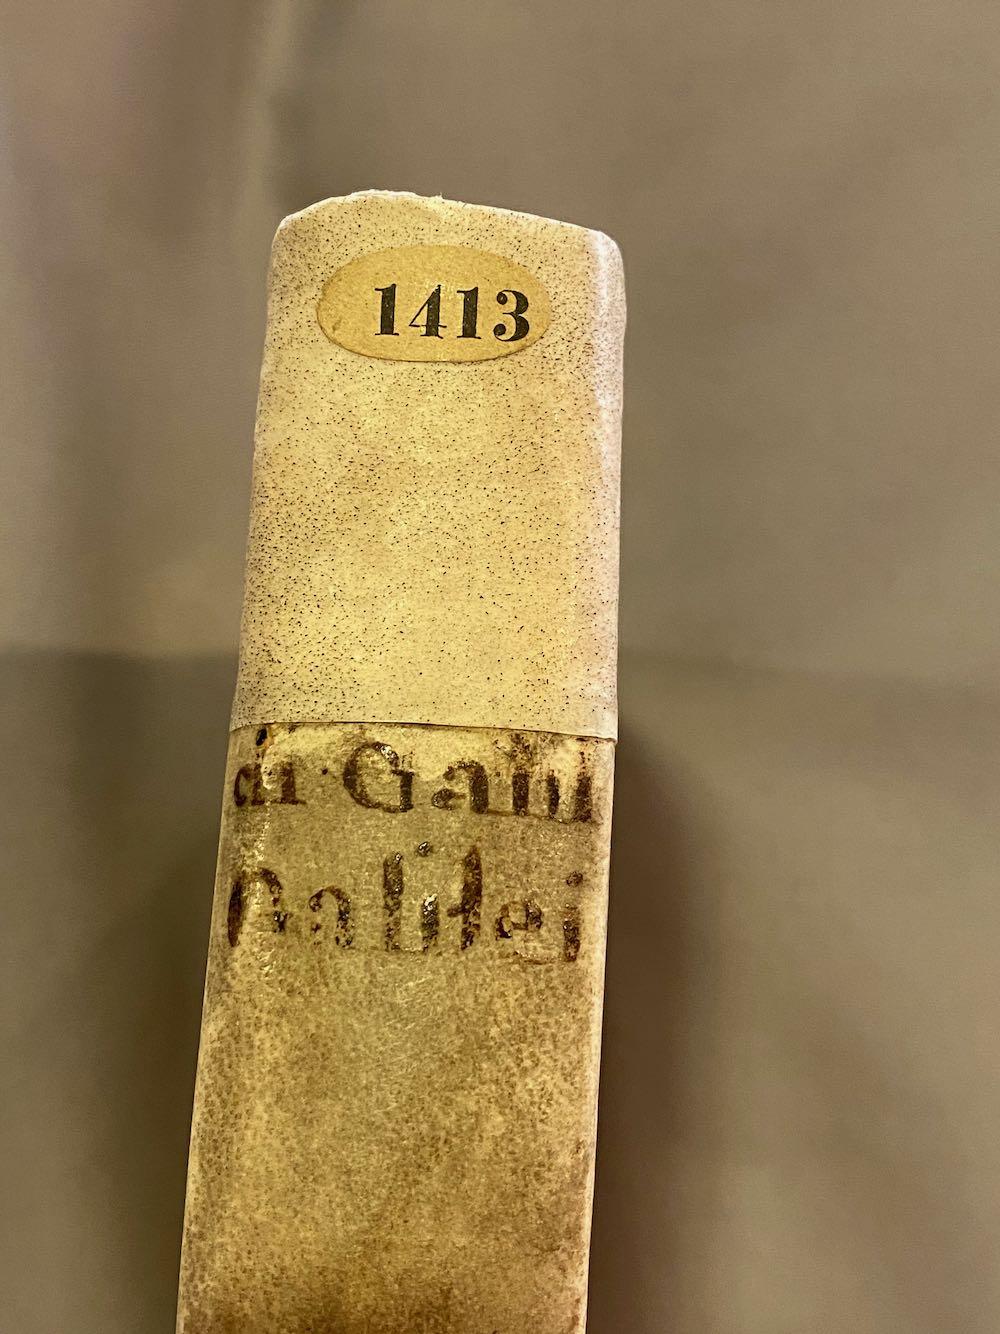 Je bekijkt nu Discorsi, e dimostrazioni matematiche – 1638 INGEZIEN